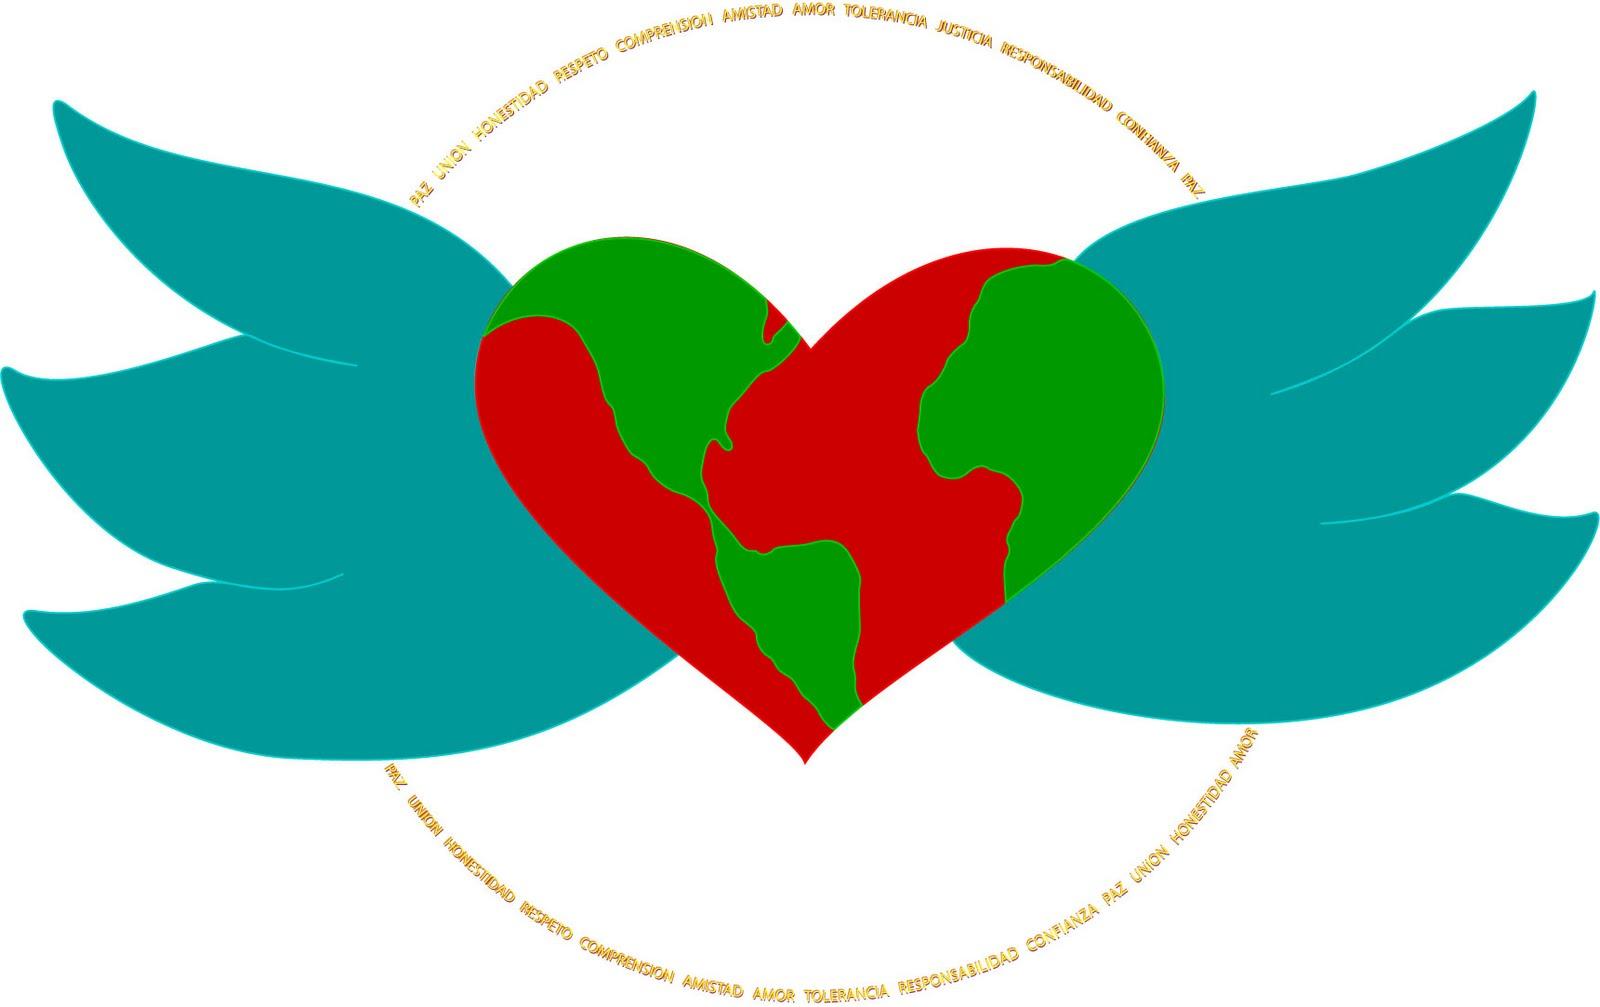 http://3.bp.blogspot.com/_PgDV1AA8d1s/S75apLpuaAI/AAAAAAAAABo/m-JPPaAFOAI/s1600/AMI.jpg